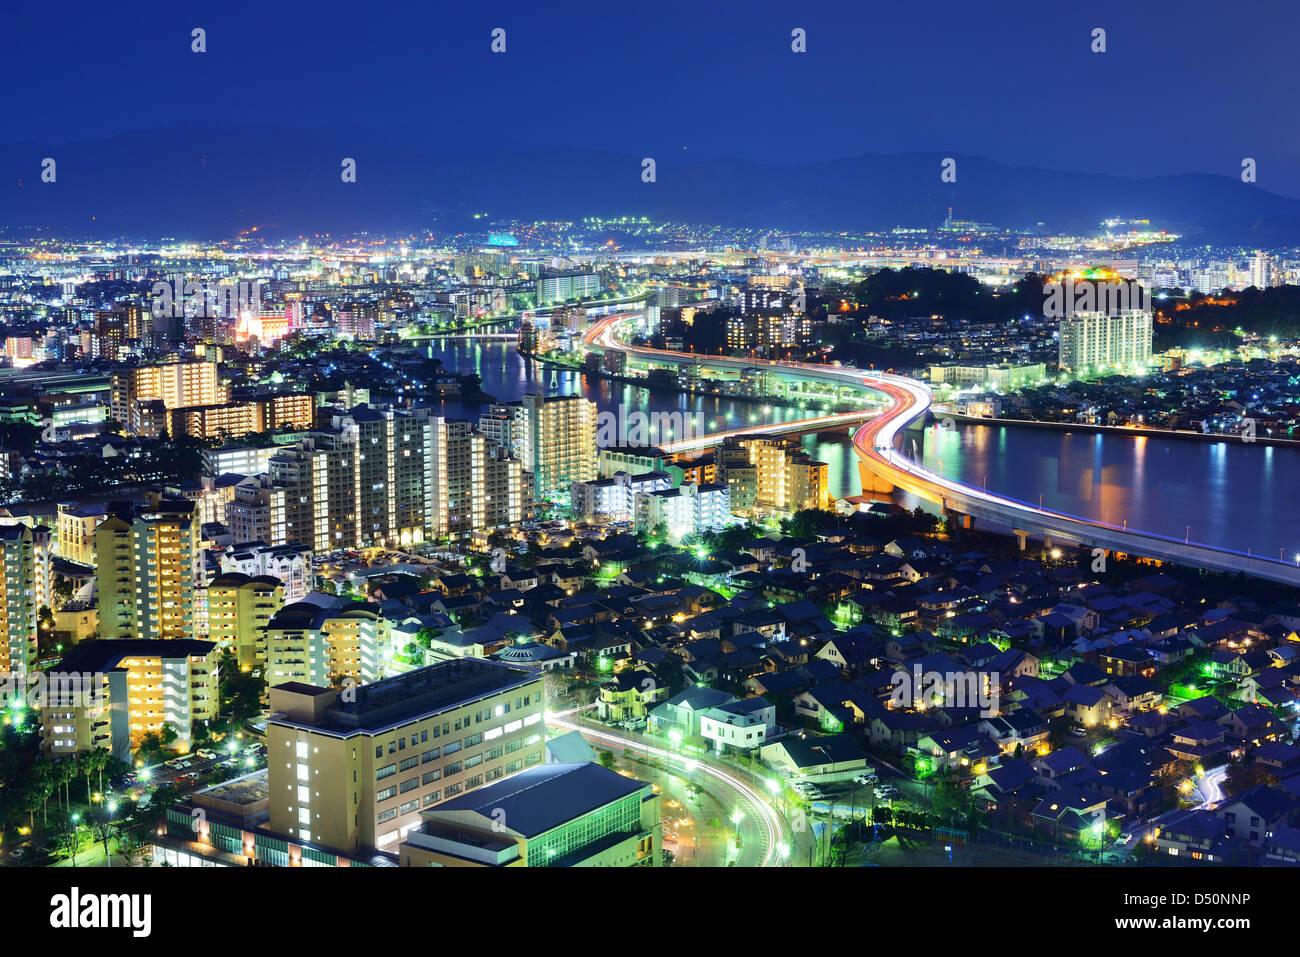 Skyline di fukuoka, Giappone durante la notte. Immagini Stock